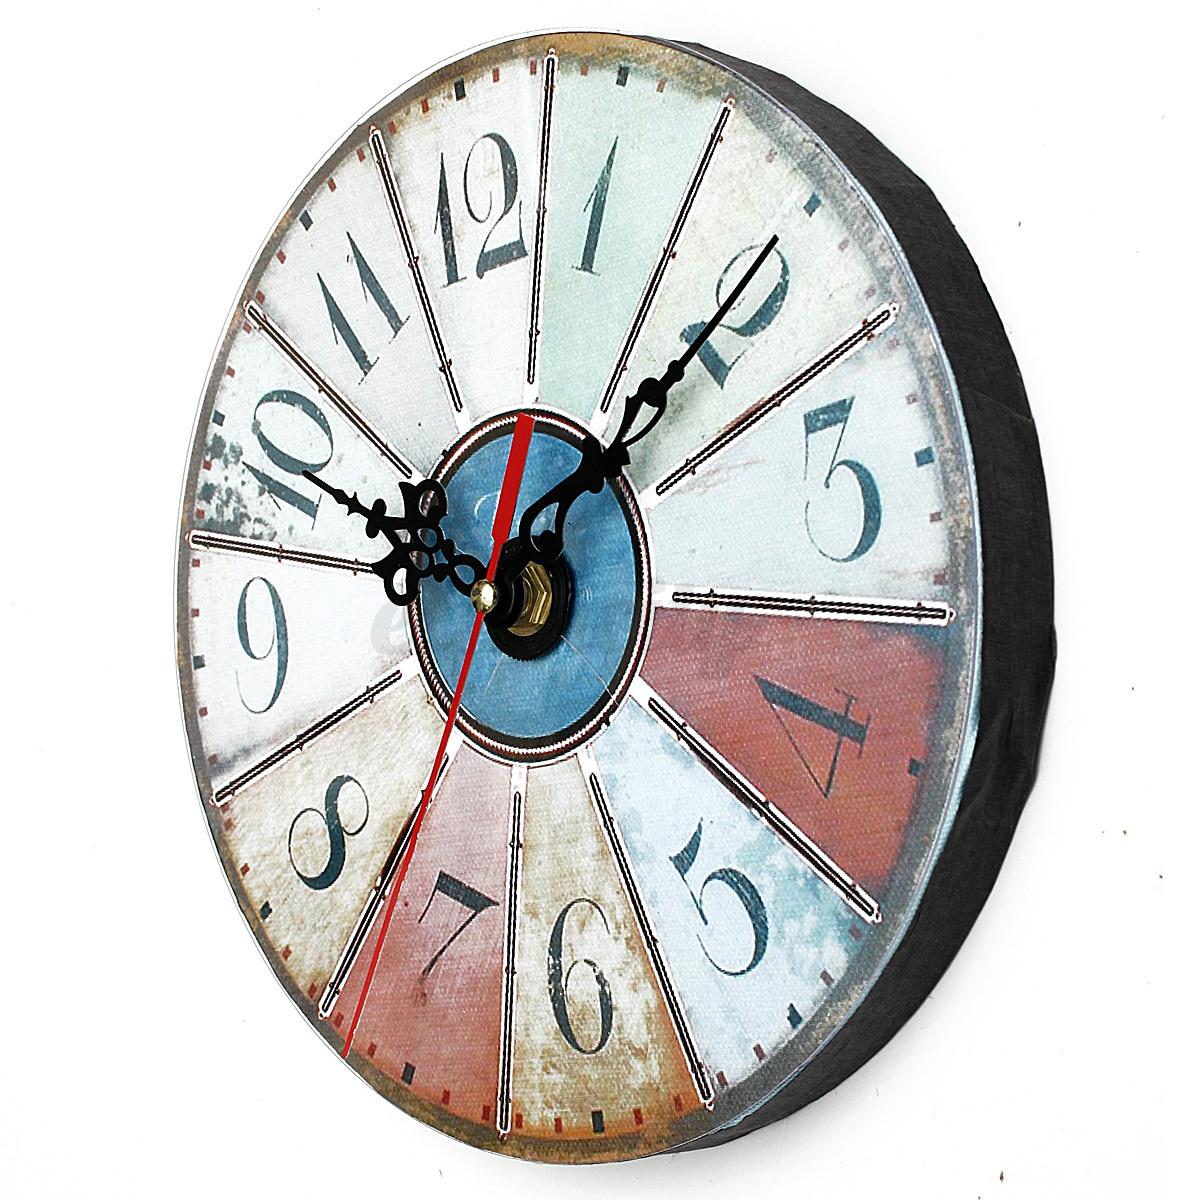 Reloj de pared acr lico retro para arte casa oficina bar - Relojes para casa ...